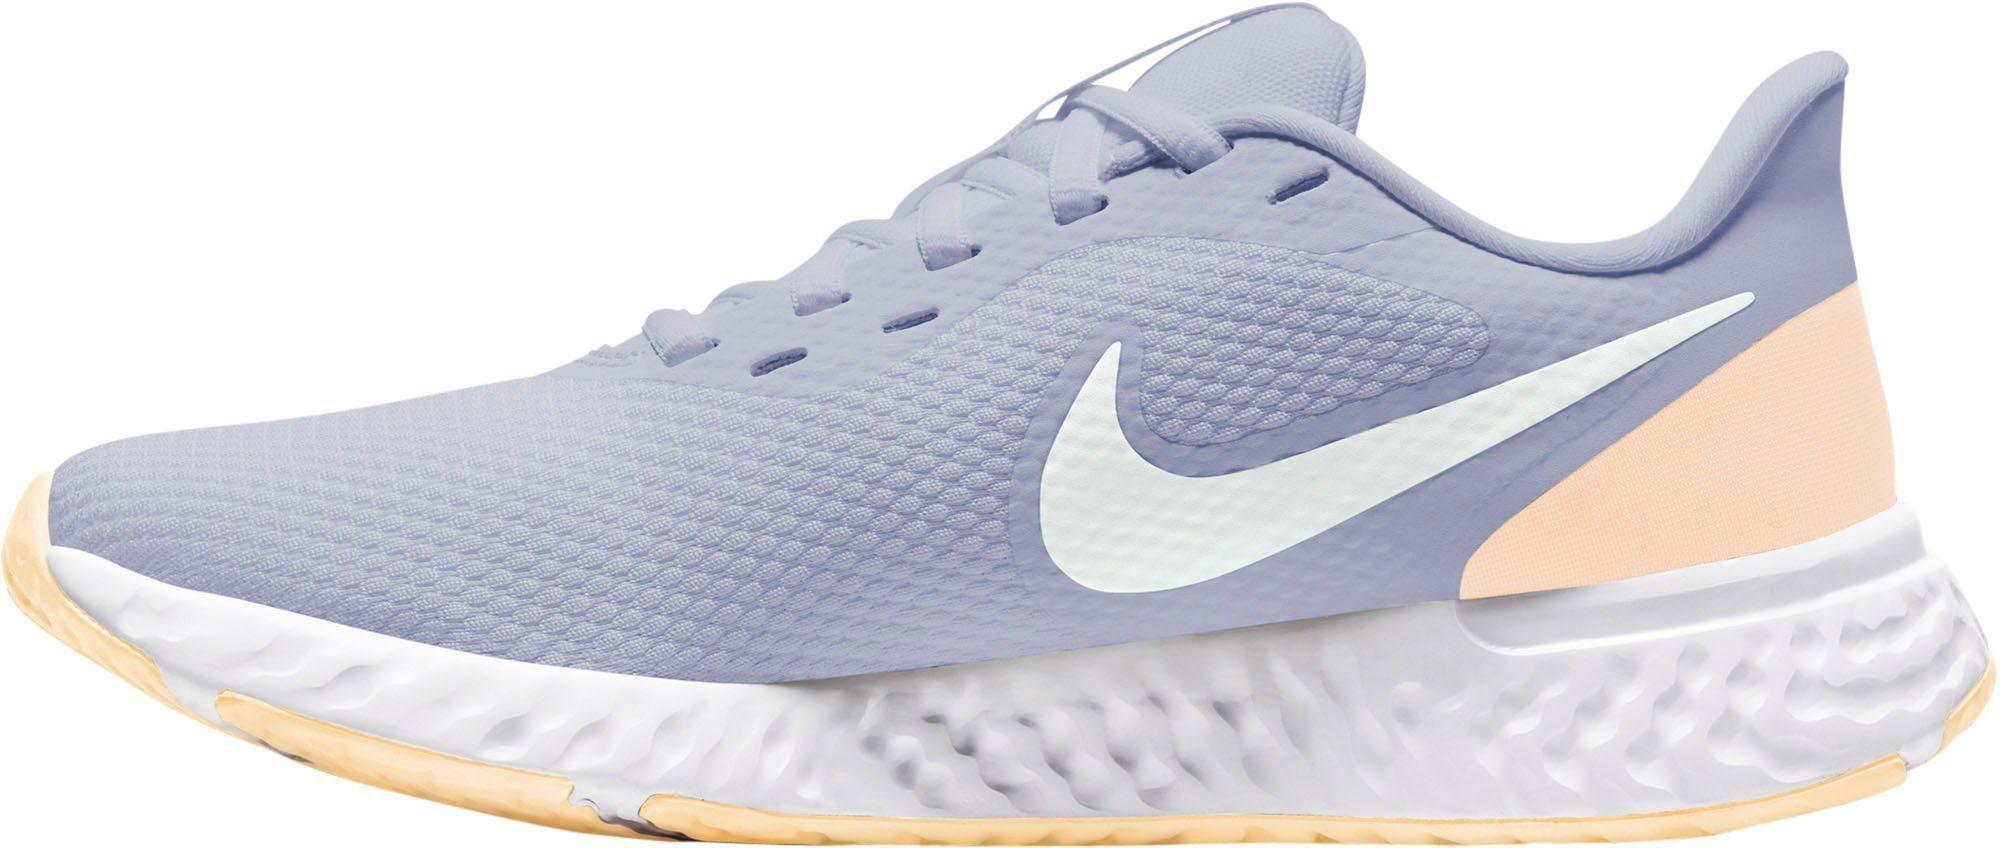 Mit seinem luftigen, leichten Design ist dieser WMNS Nike